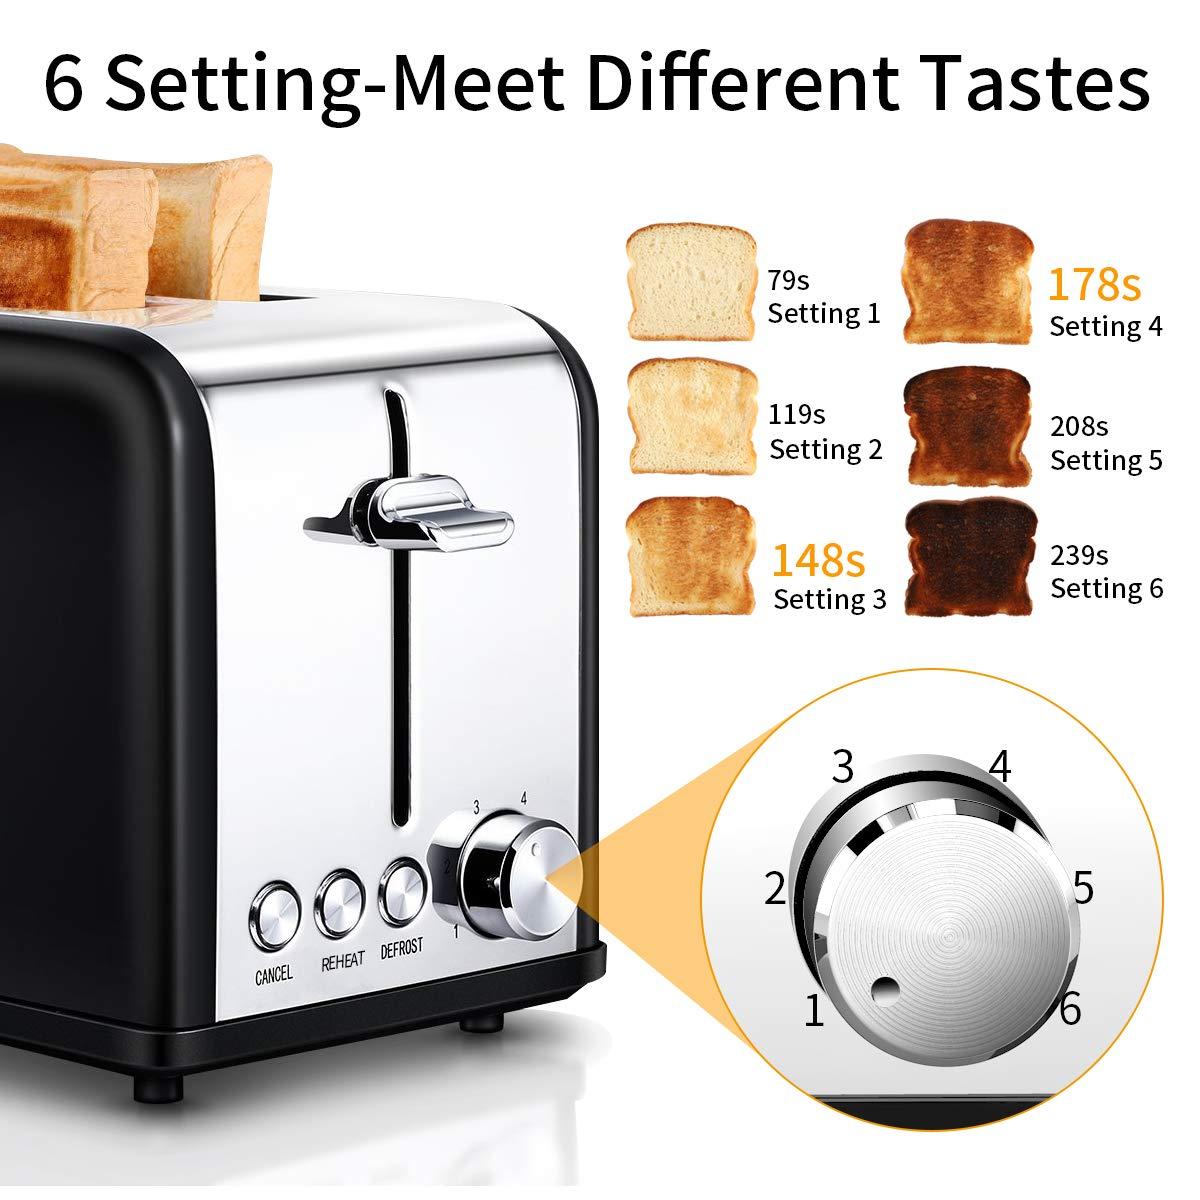 Grille-pain Noir et Argent, Morpilot Toaster Express Décongélation Réchauffage, Réchauffer Viennoiseries, 2 Fentes, 800W Inox